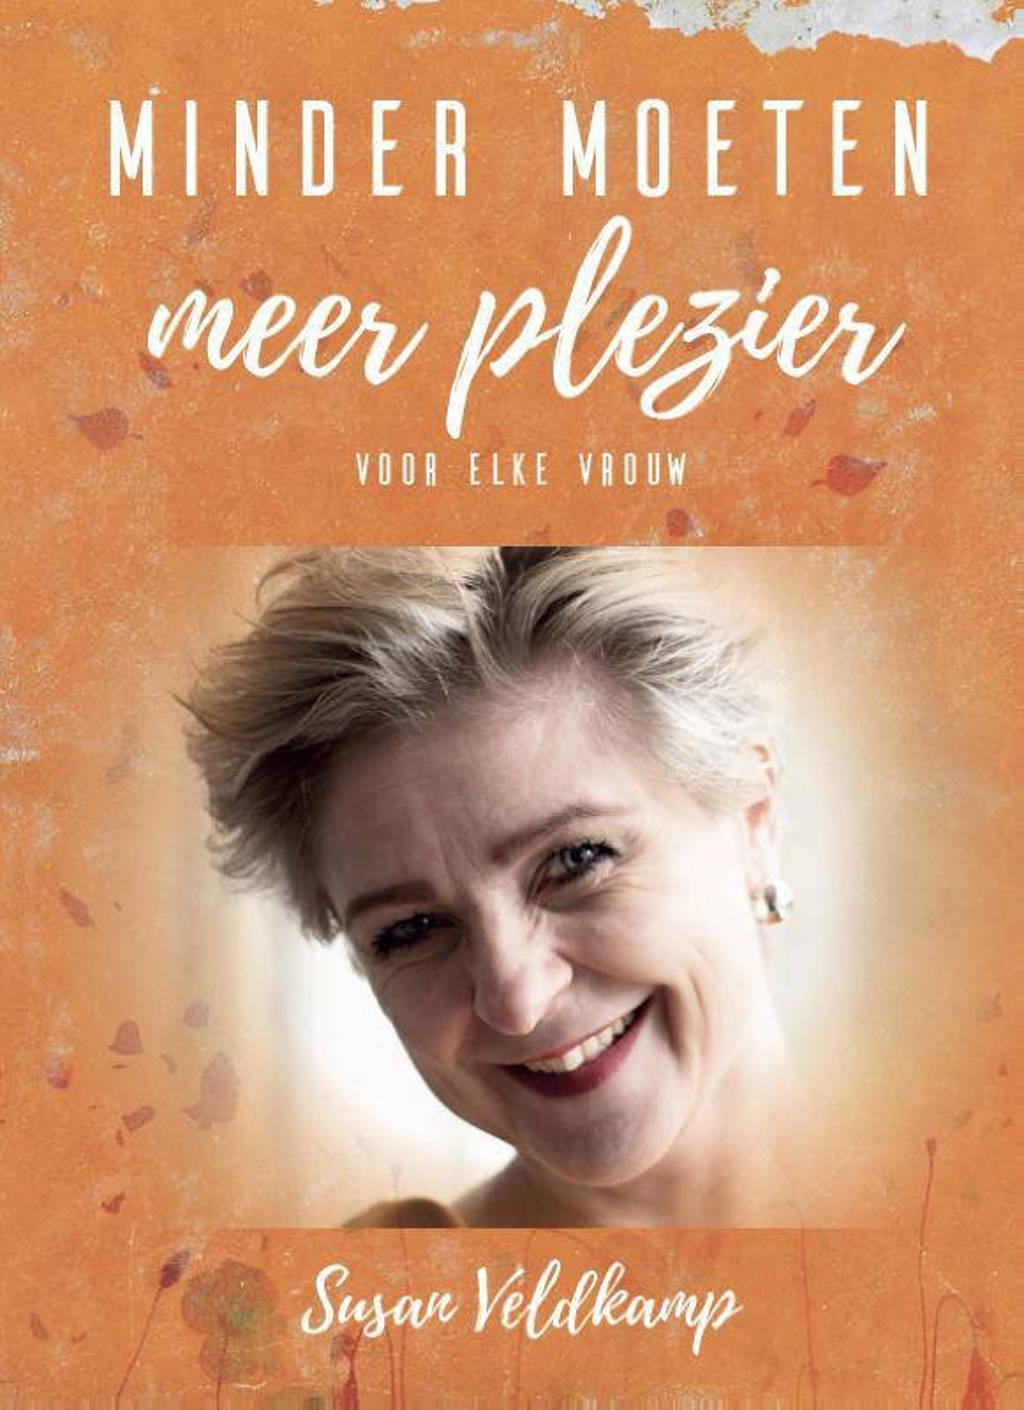 Minder moeten meer plezier - Susan Veldkamp